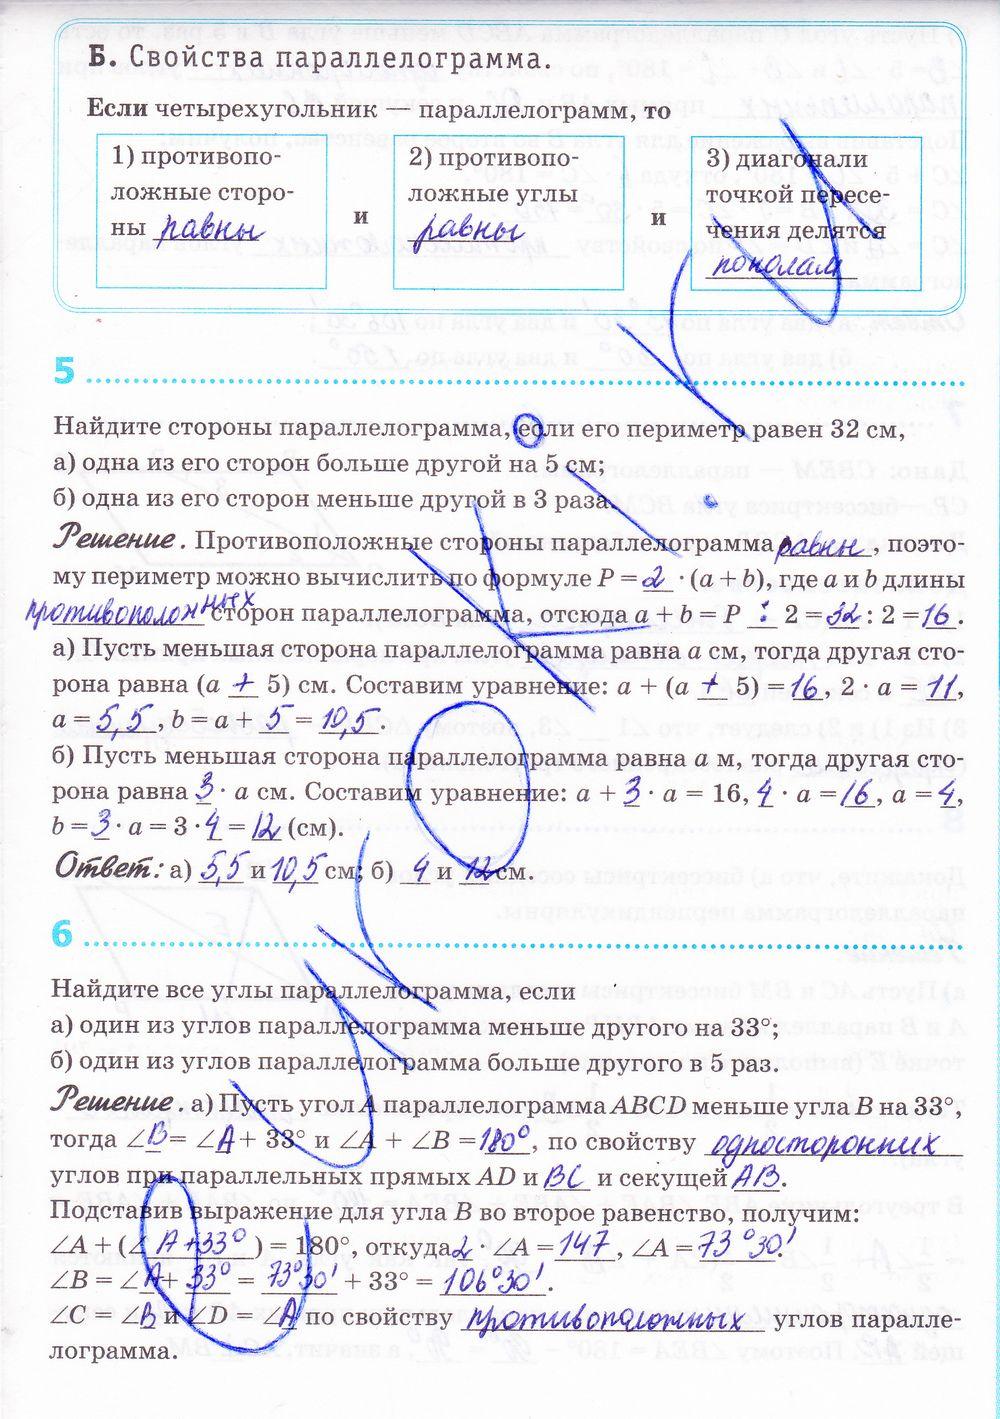 Гдз по русскому языку классик тетрадке богдановой